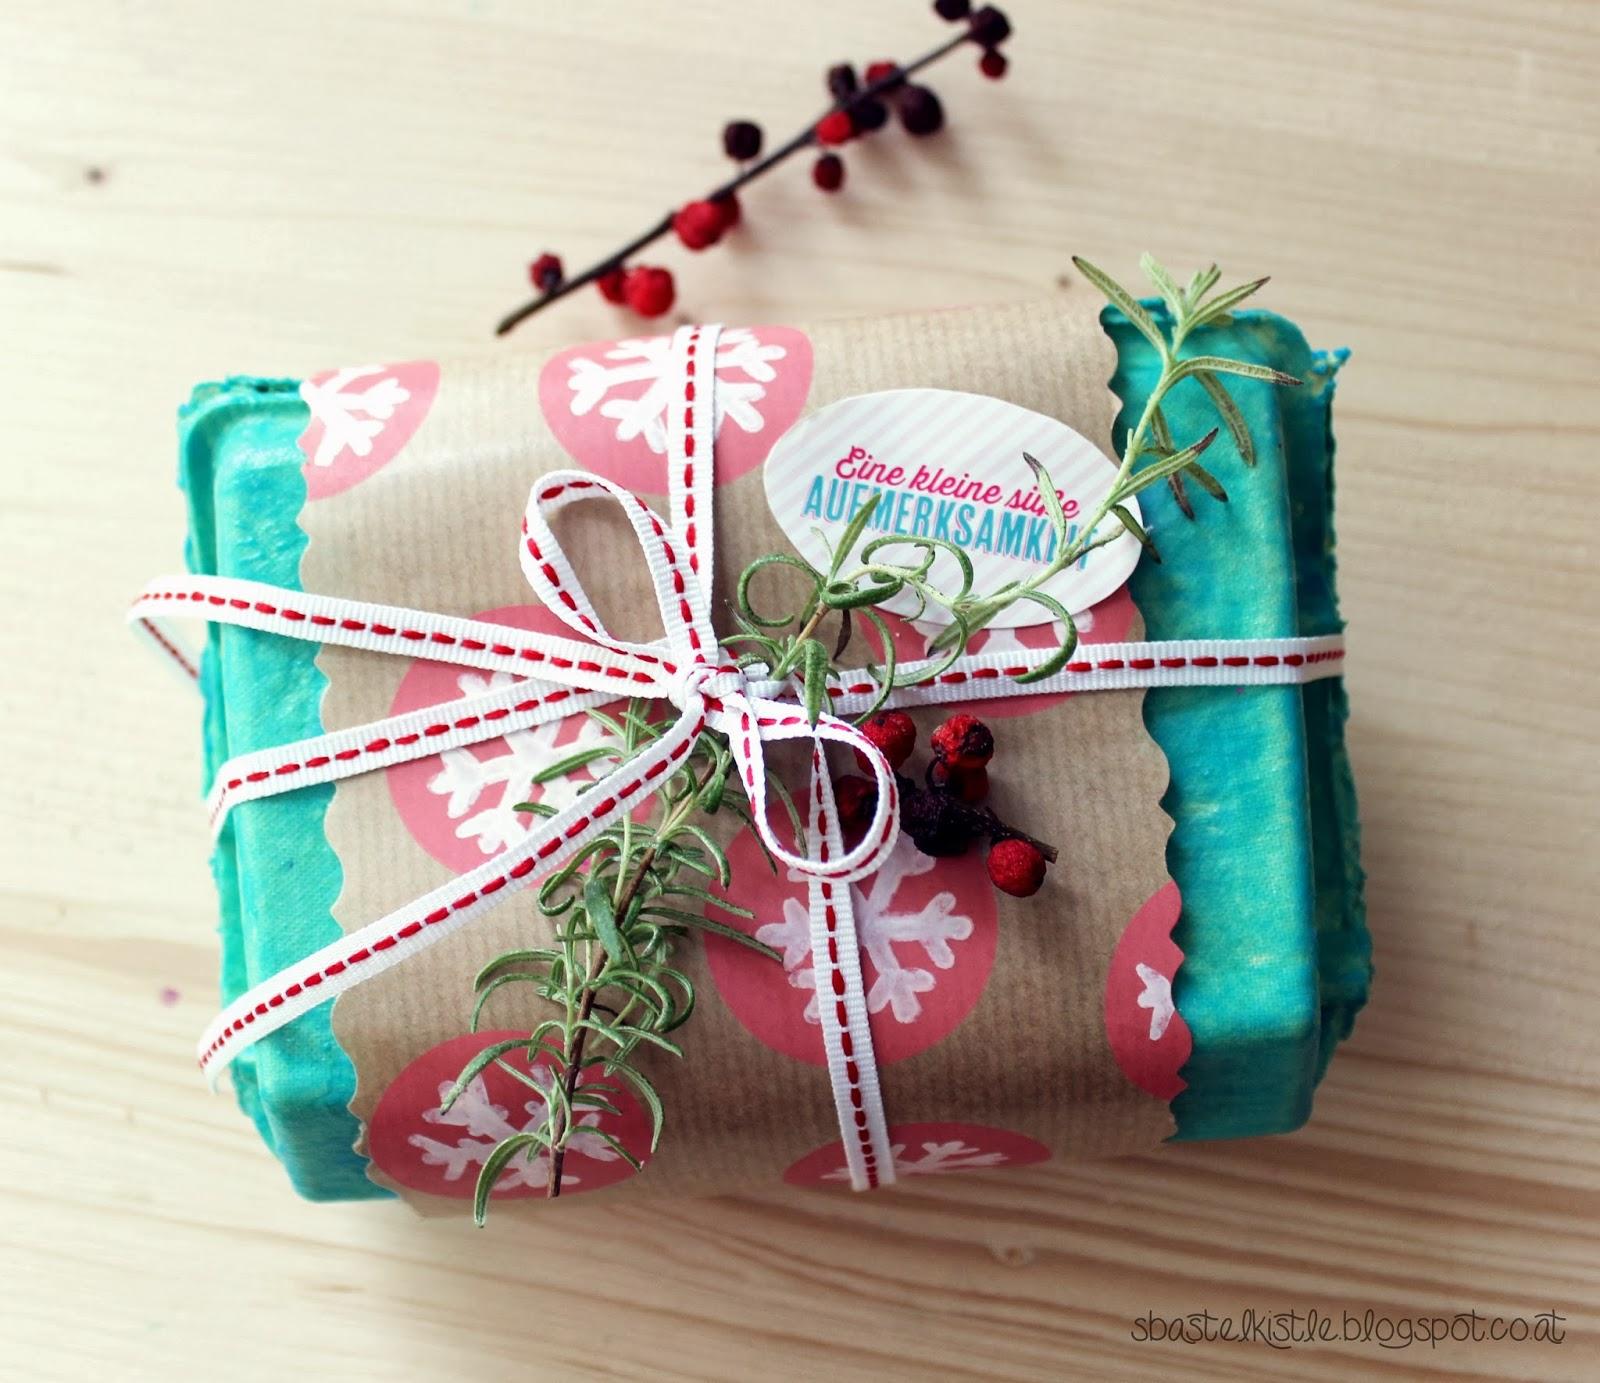 s\'Bastelkistle: Last Minute Weihnachtsgeschenke